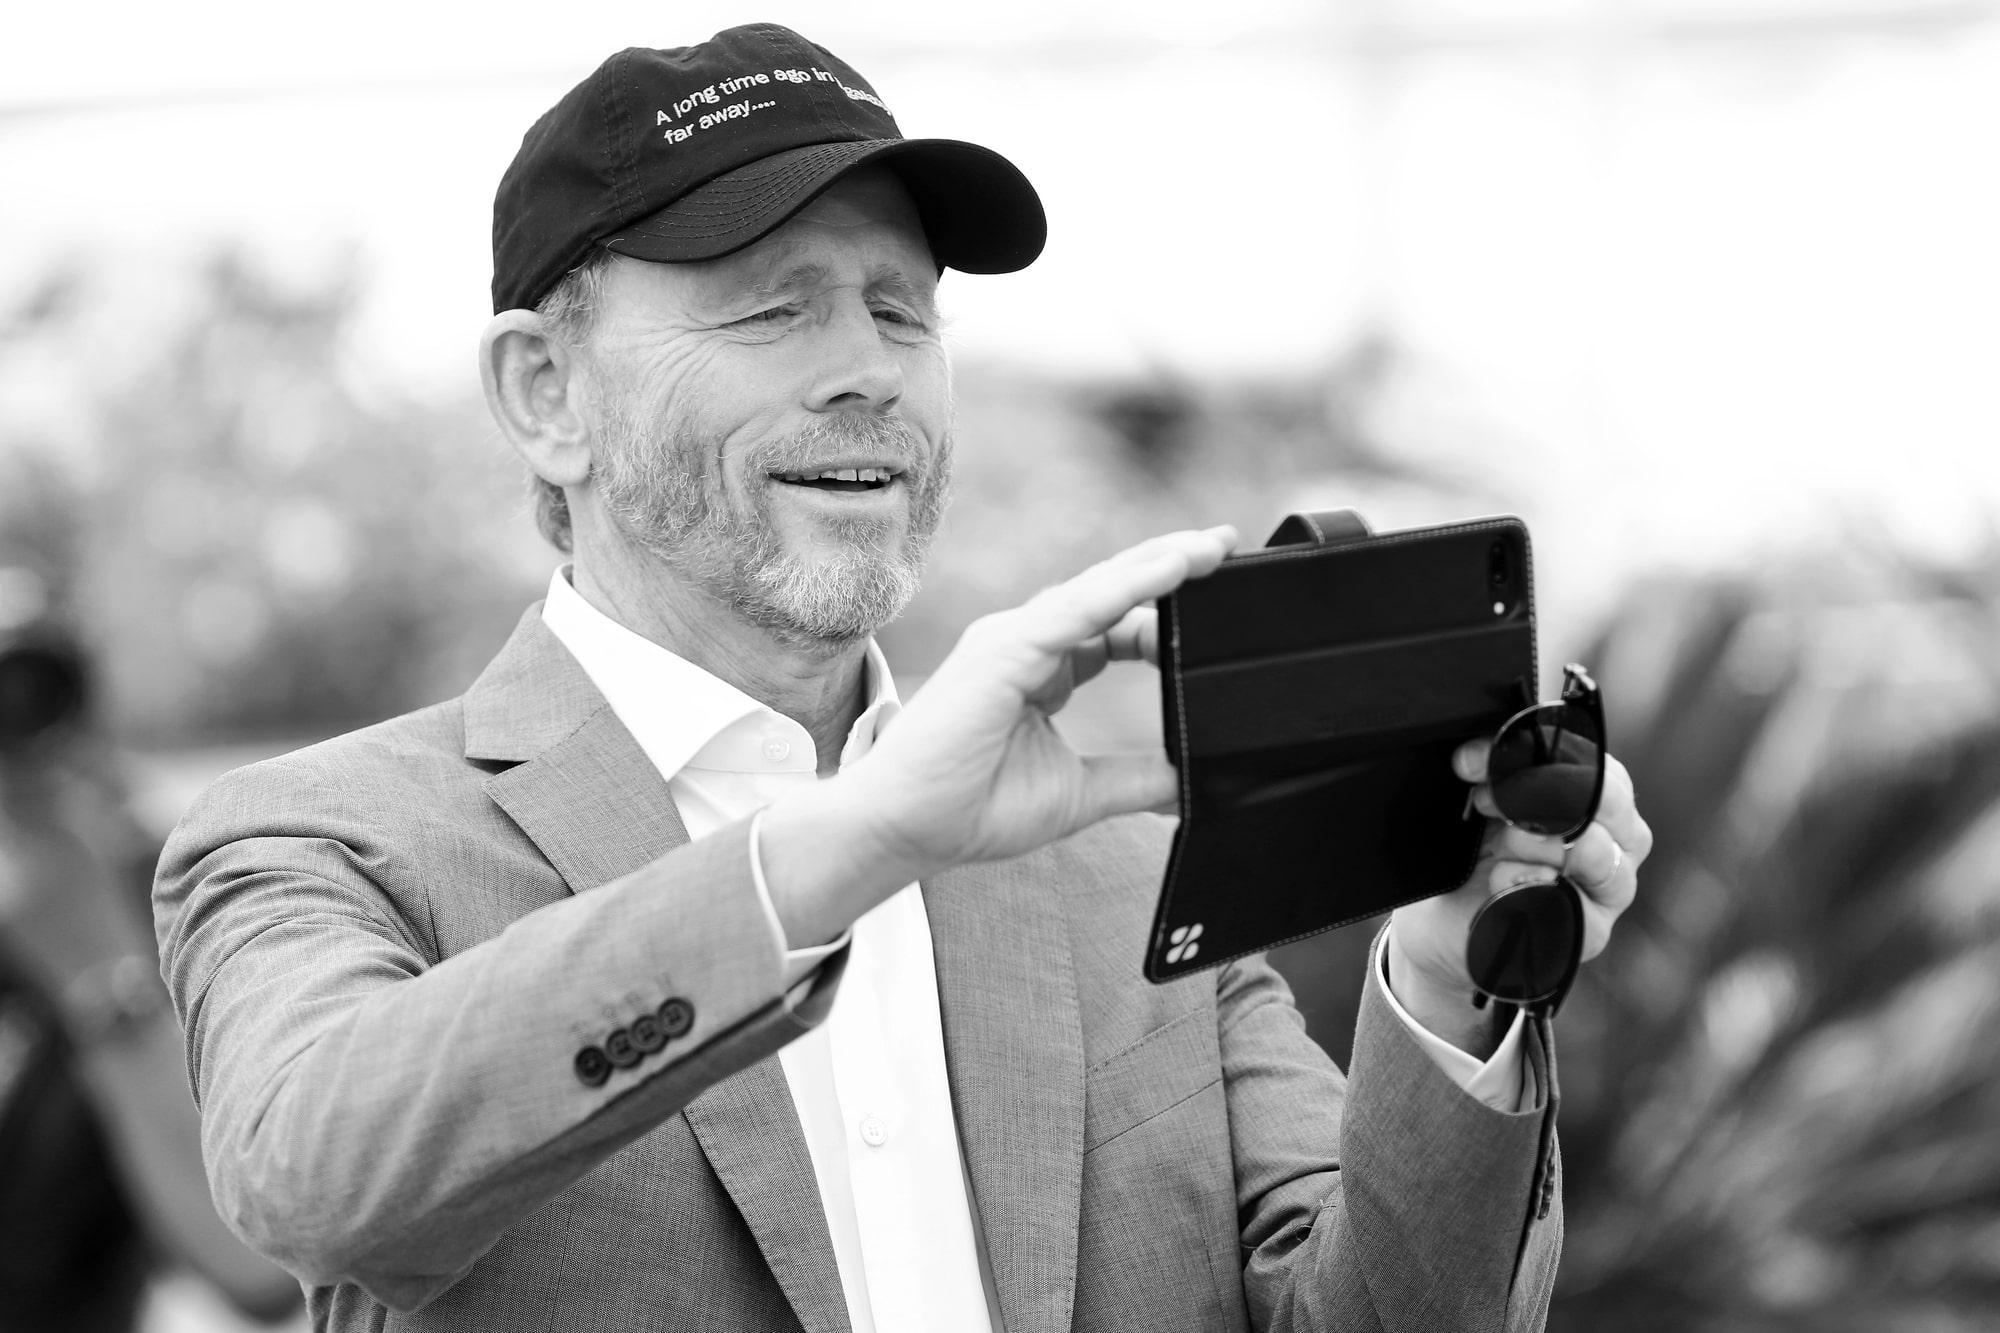 Режиссер Рон Ховард рассказал о планах на сиквел фильма «Хан Соло. Звездные войны: Истории»